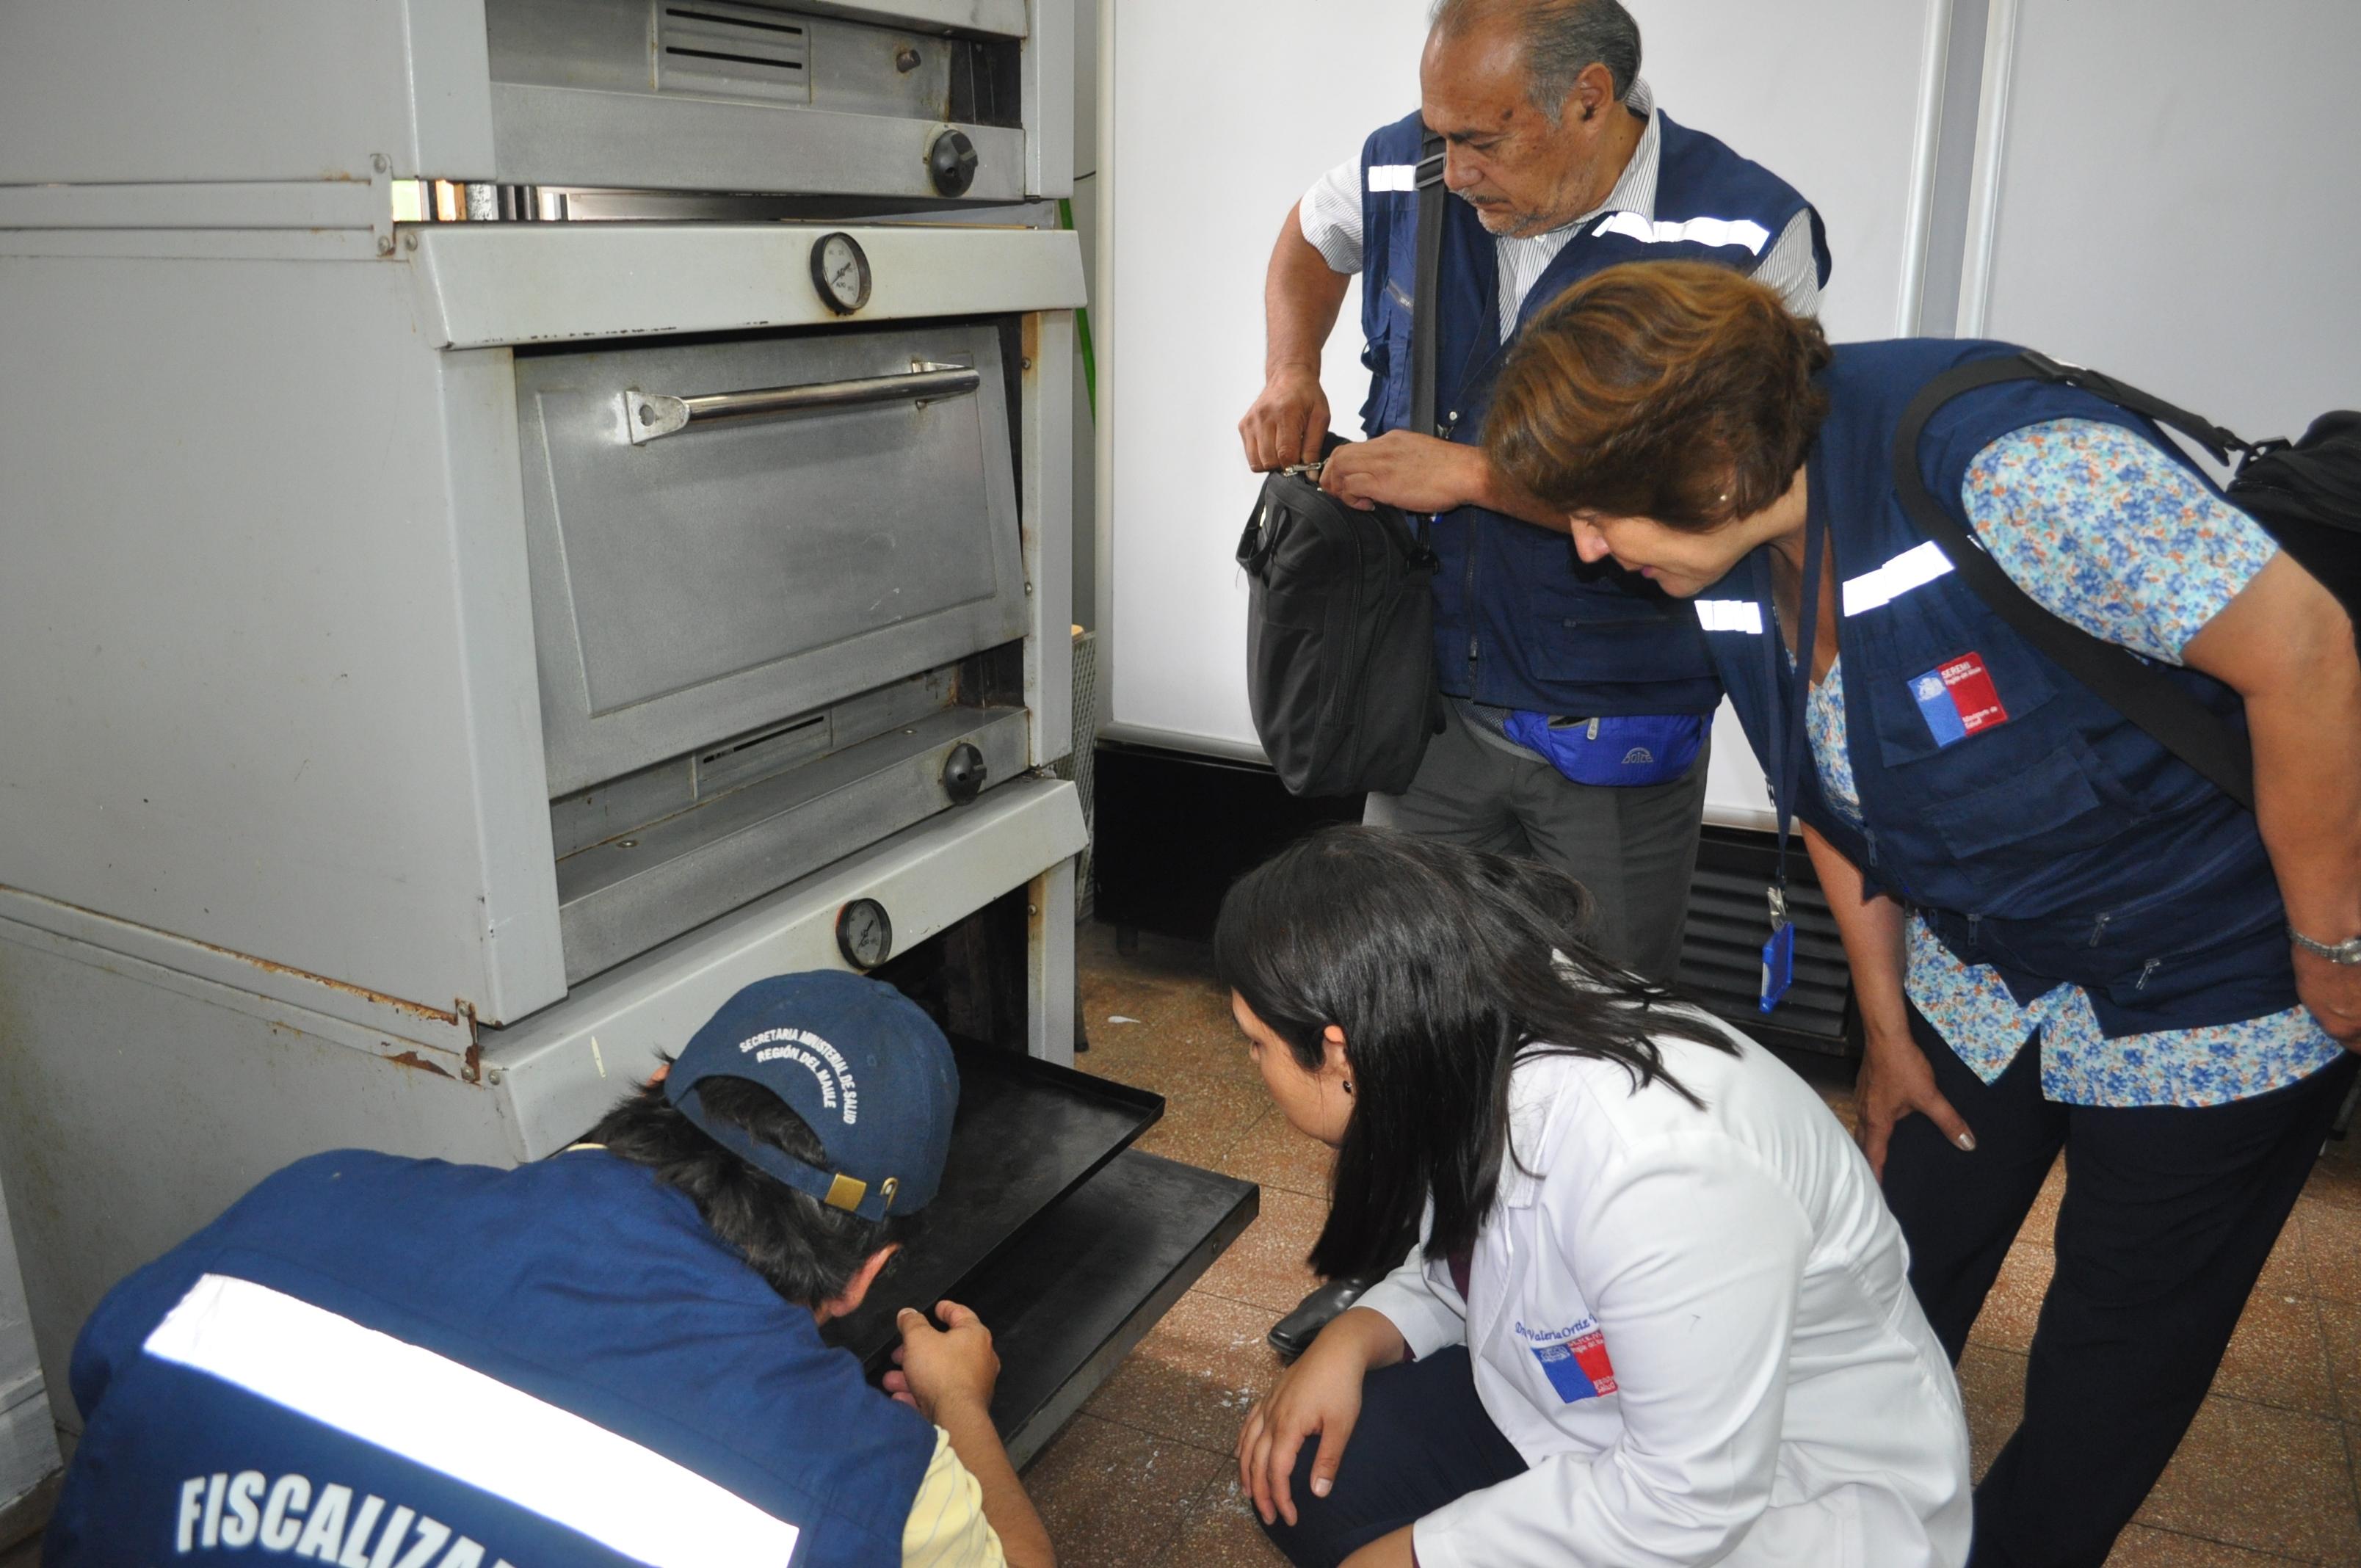 Autoridades fiscalizaron condiciones sanitarias en establecimientos educacionales de Talca